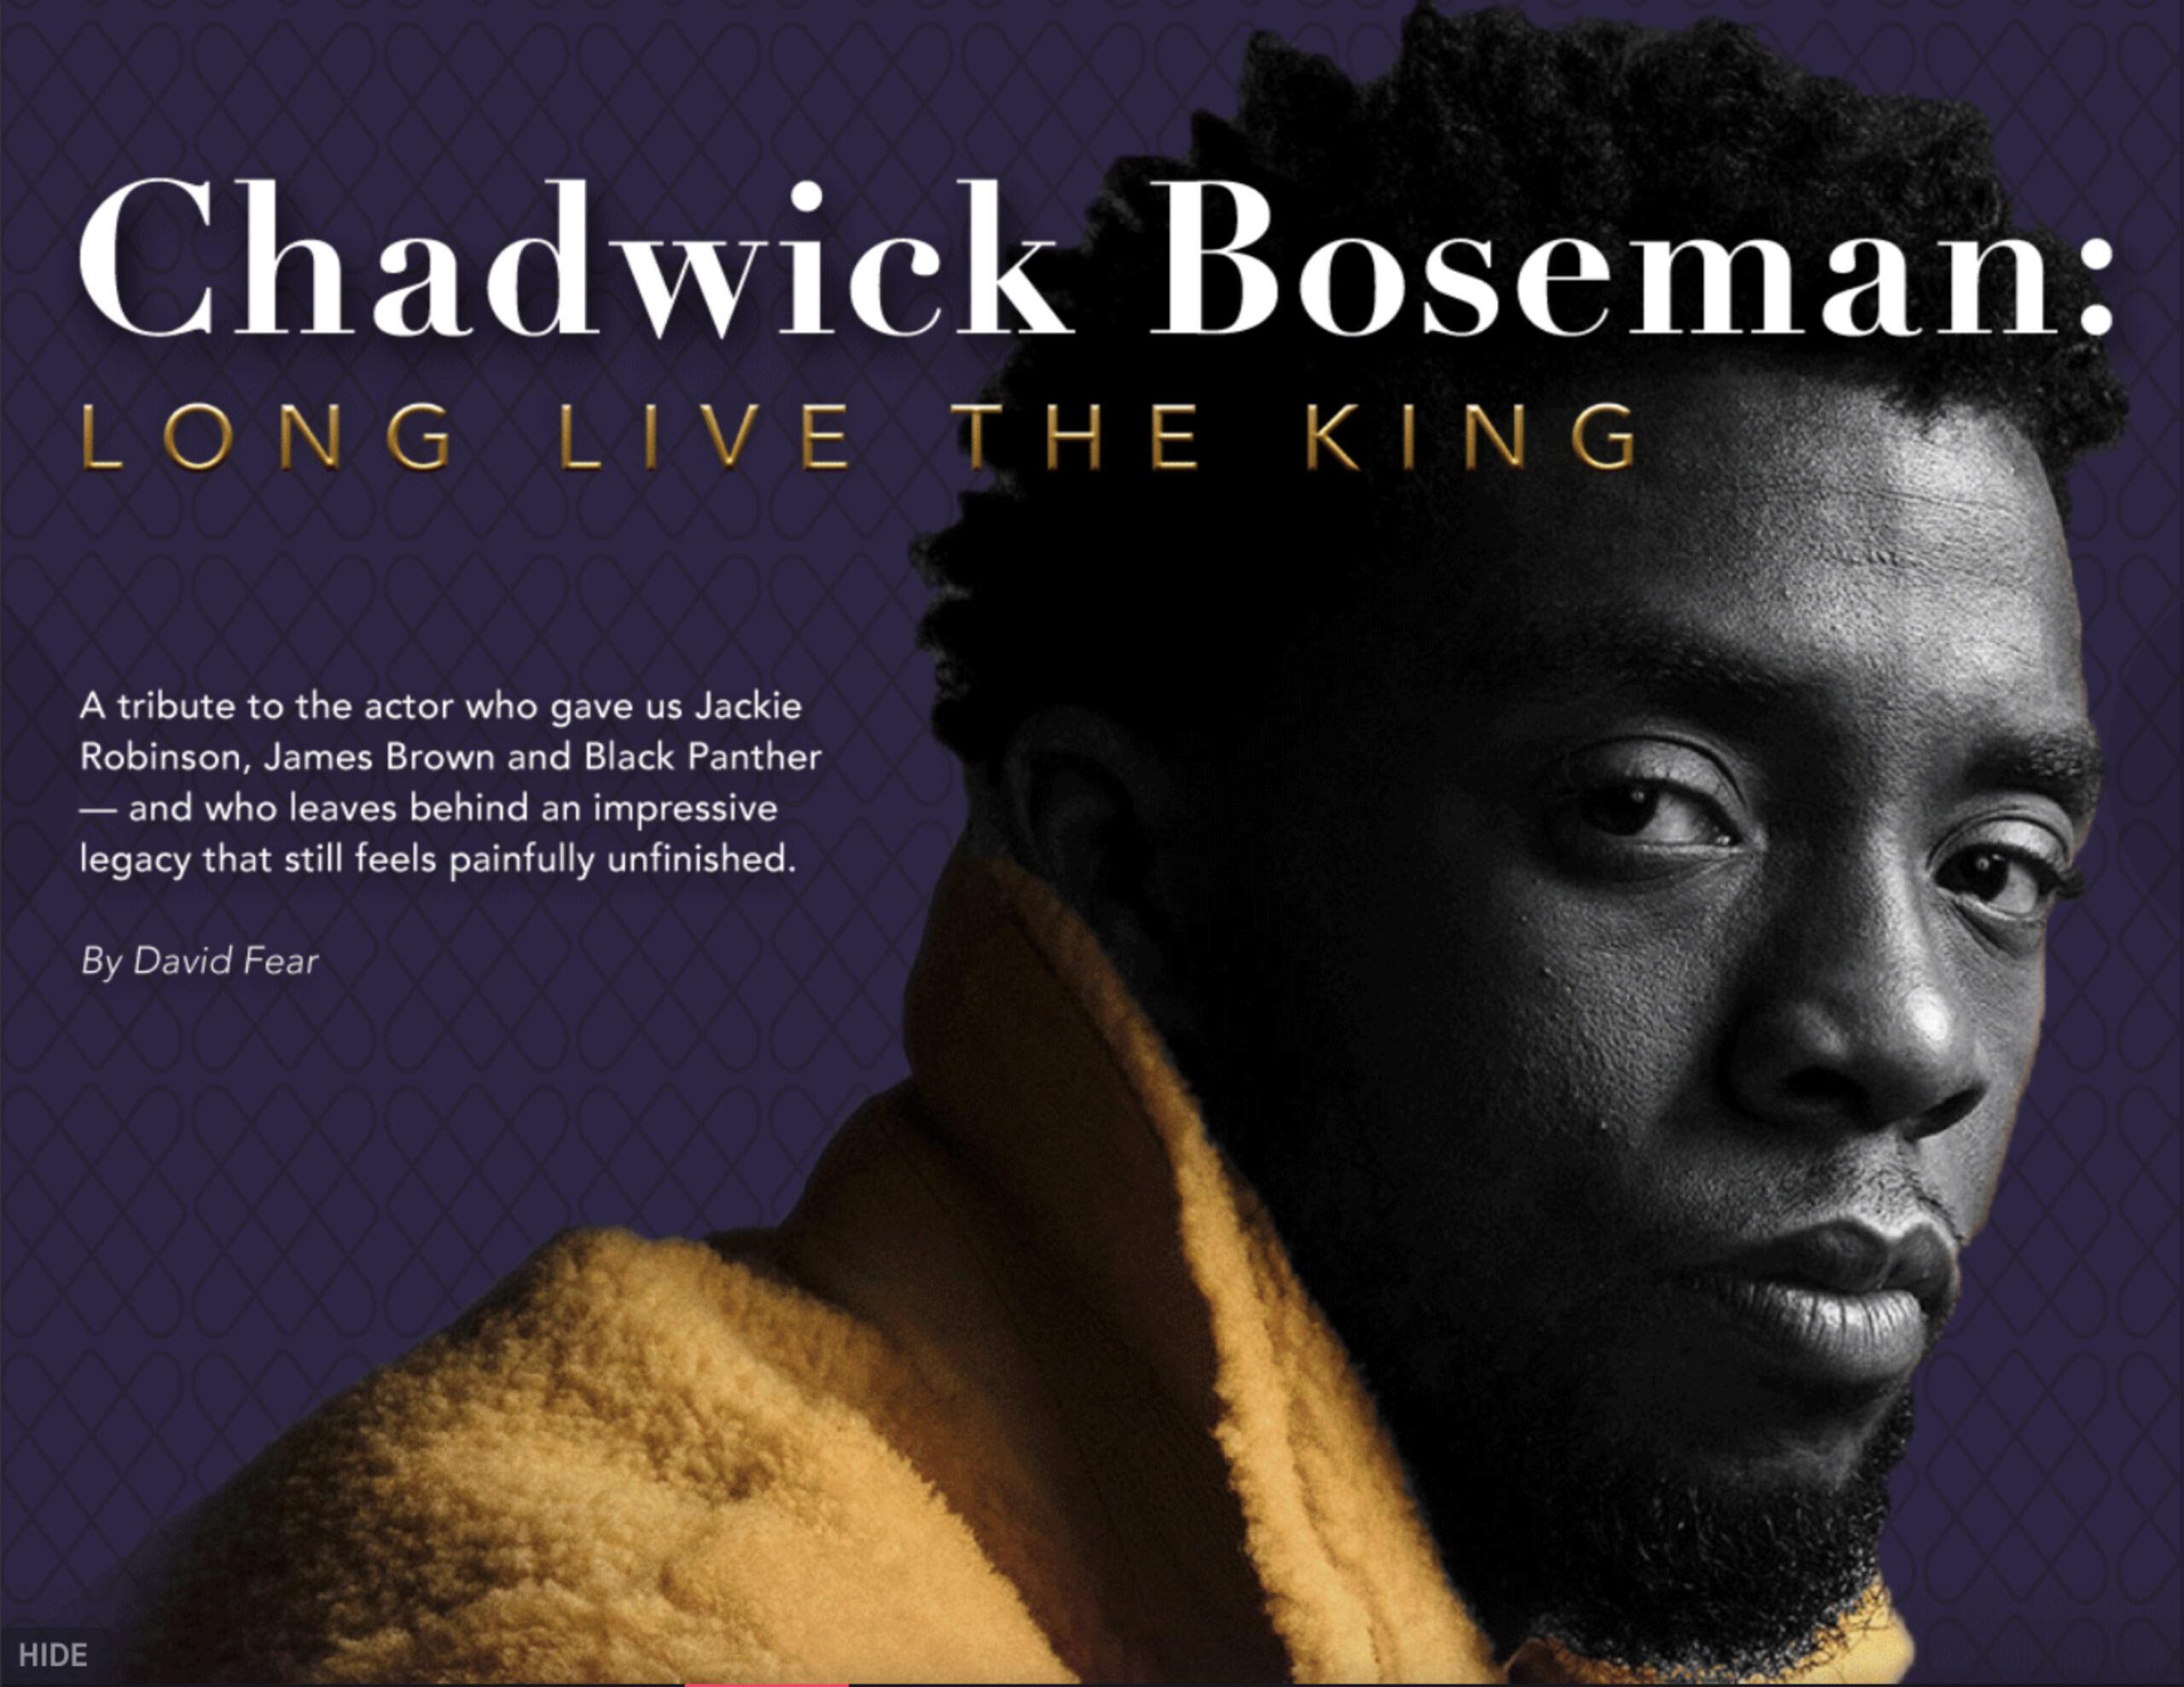 Chadwick Boseman Article